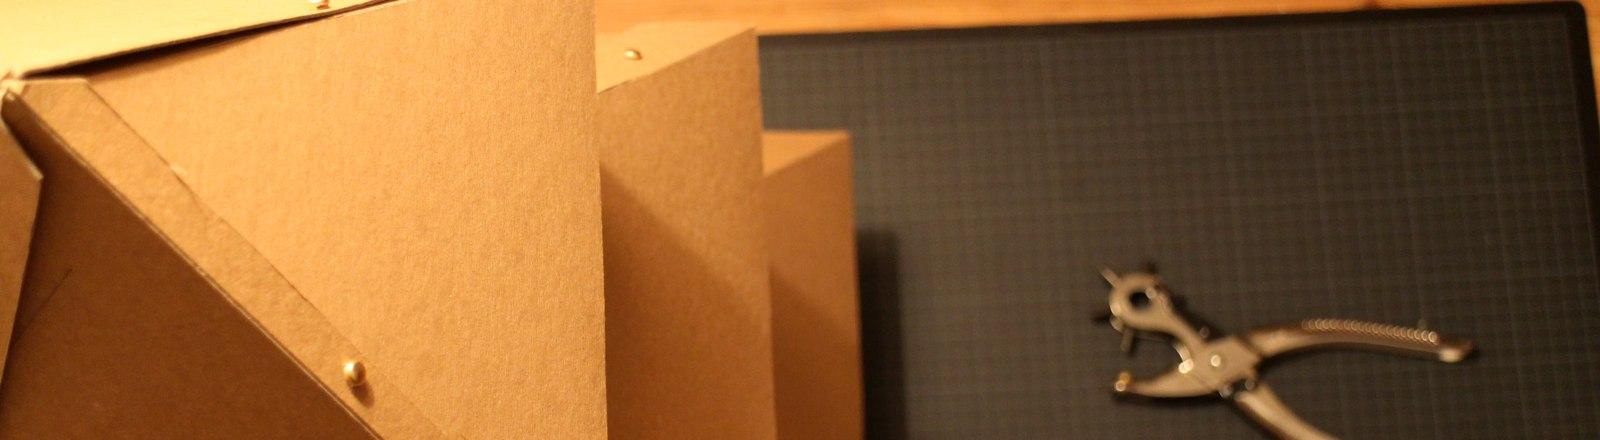 Papptanne von oben